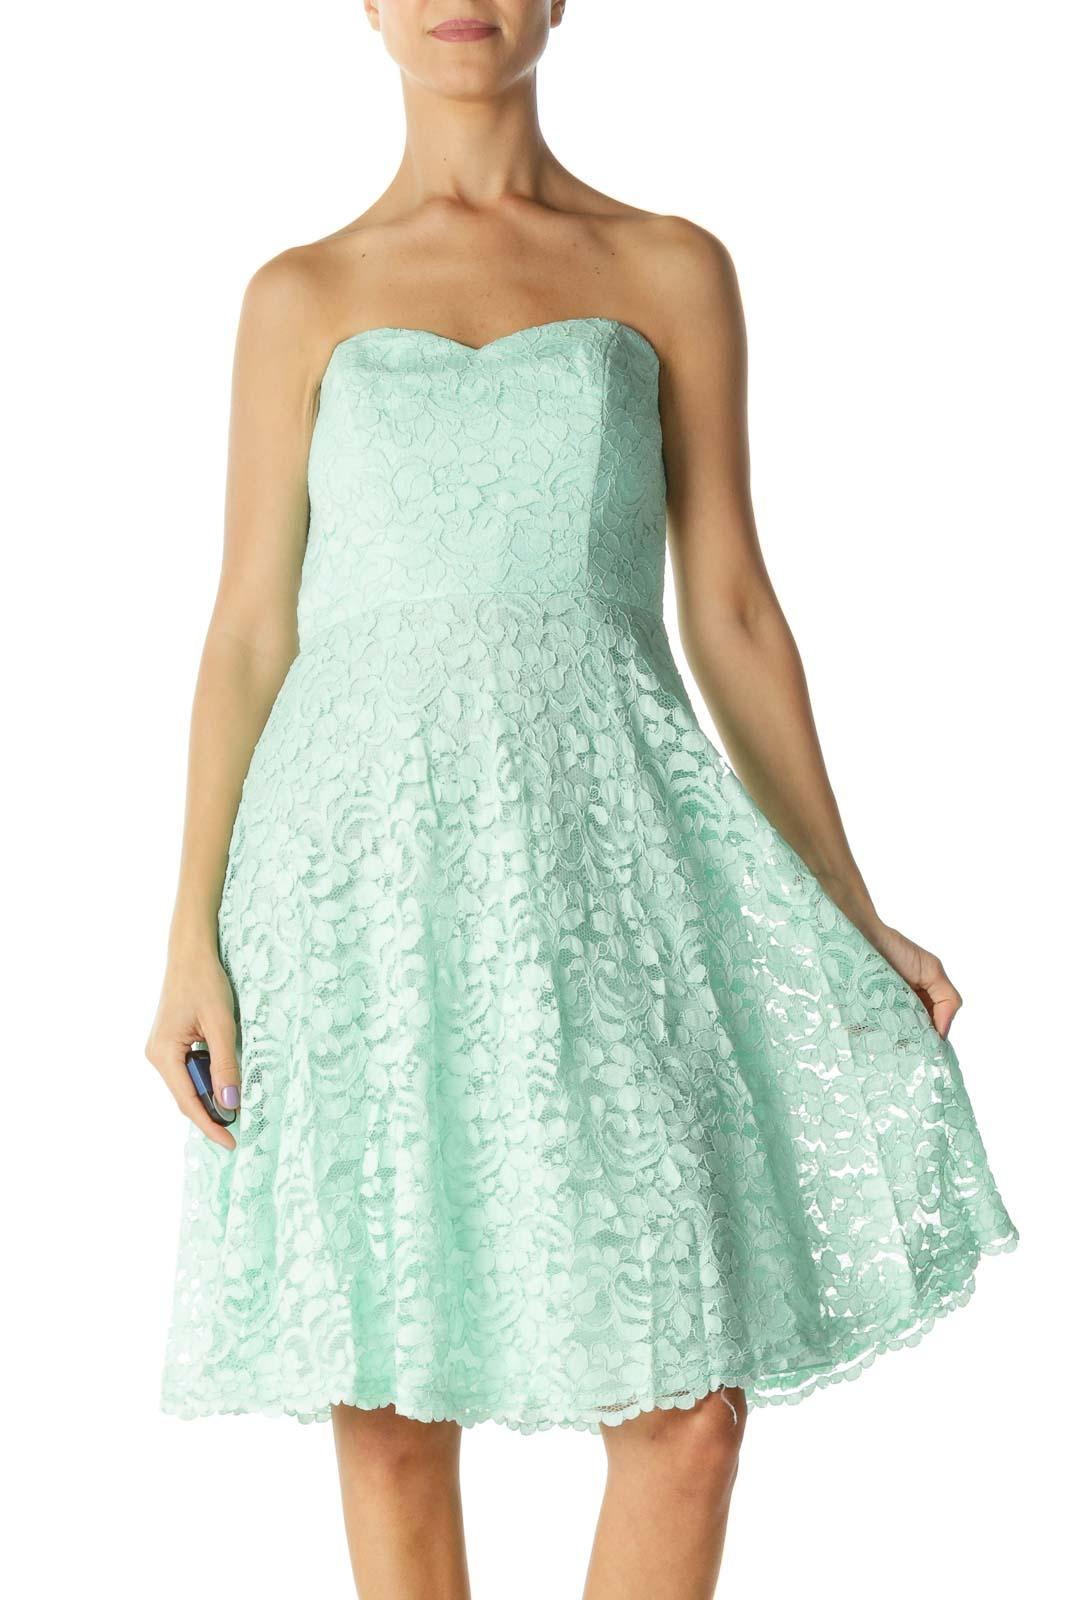 Mint Lace Floral Print Strapless Dress